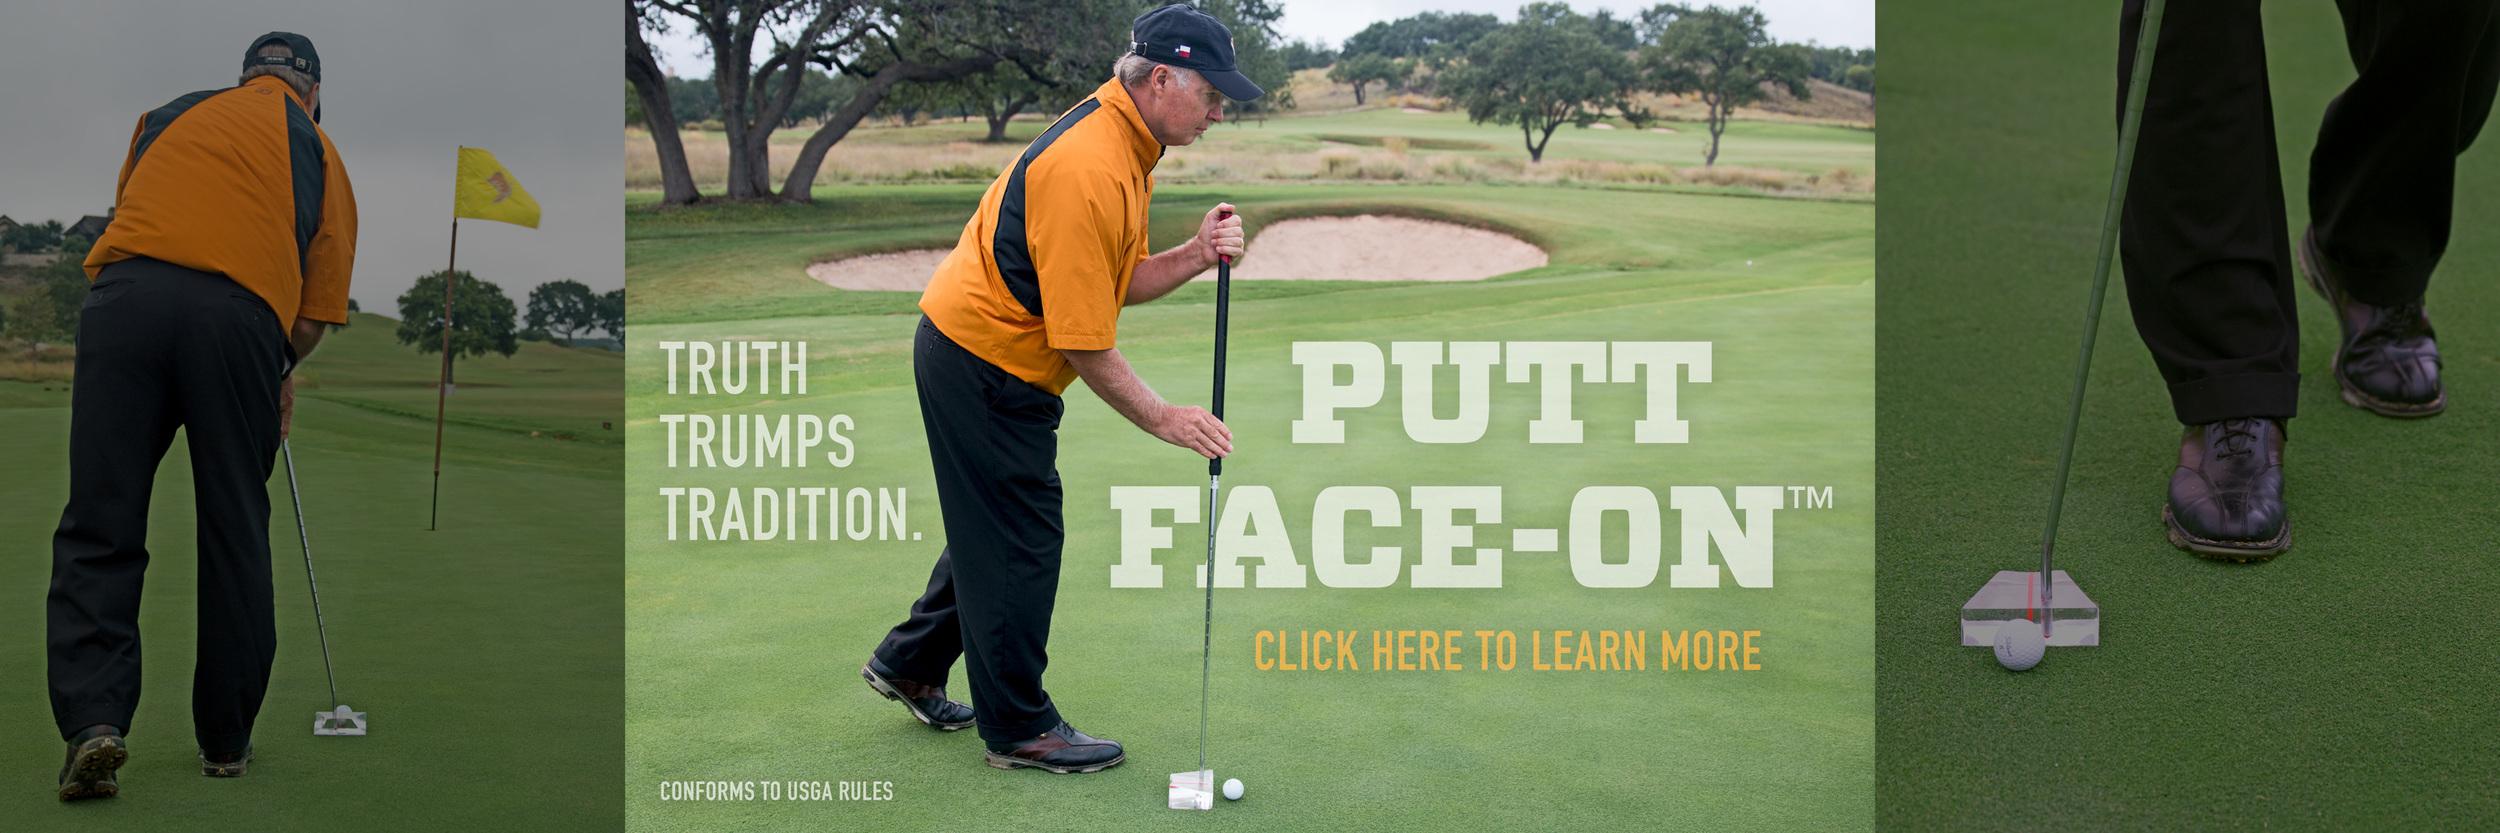 putt-face-on-home-banner.jpg